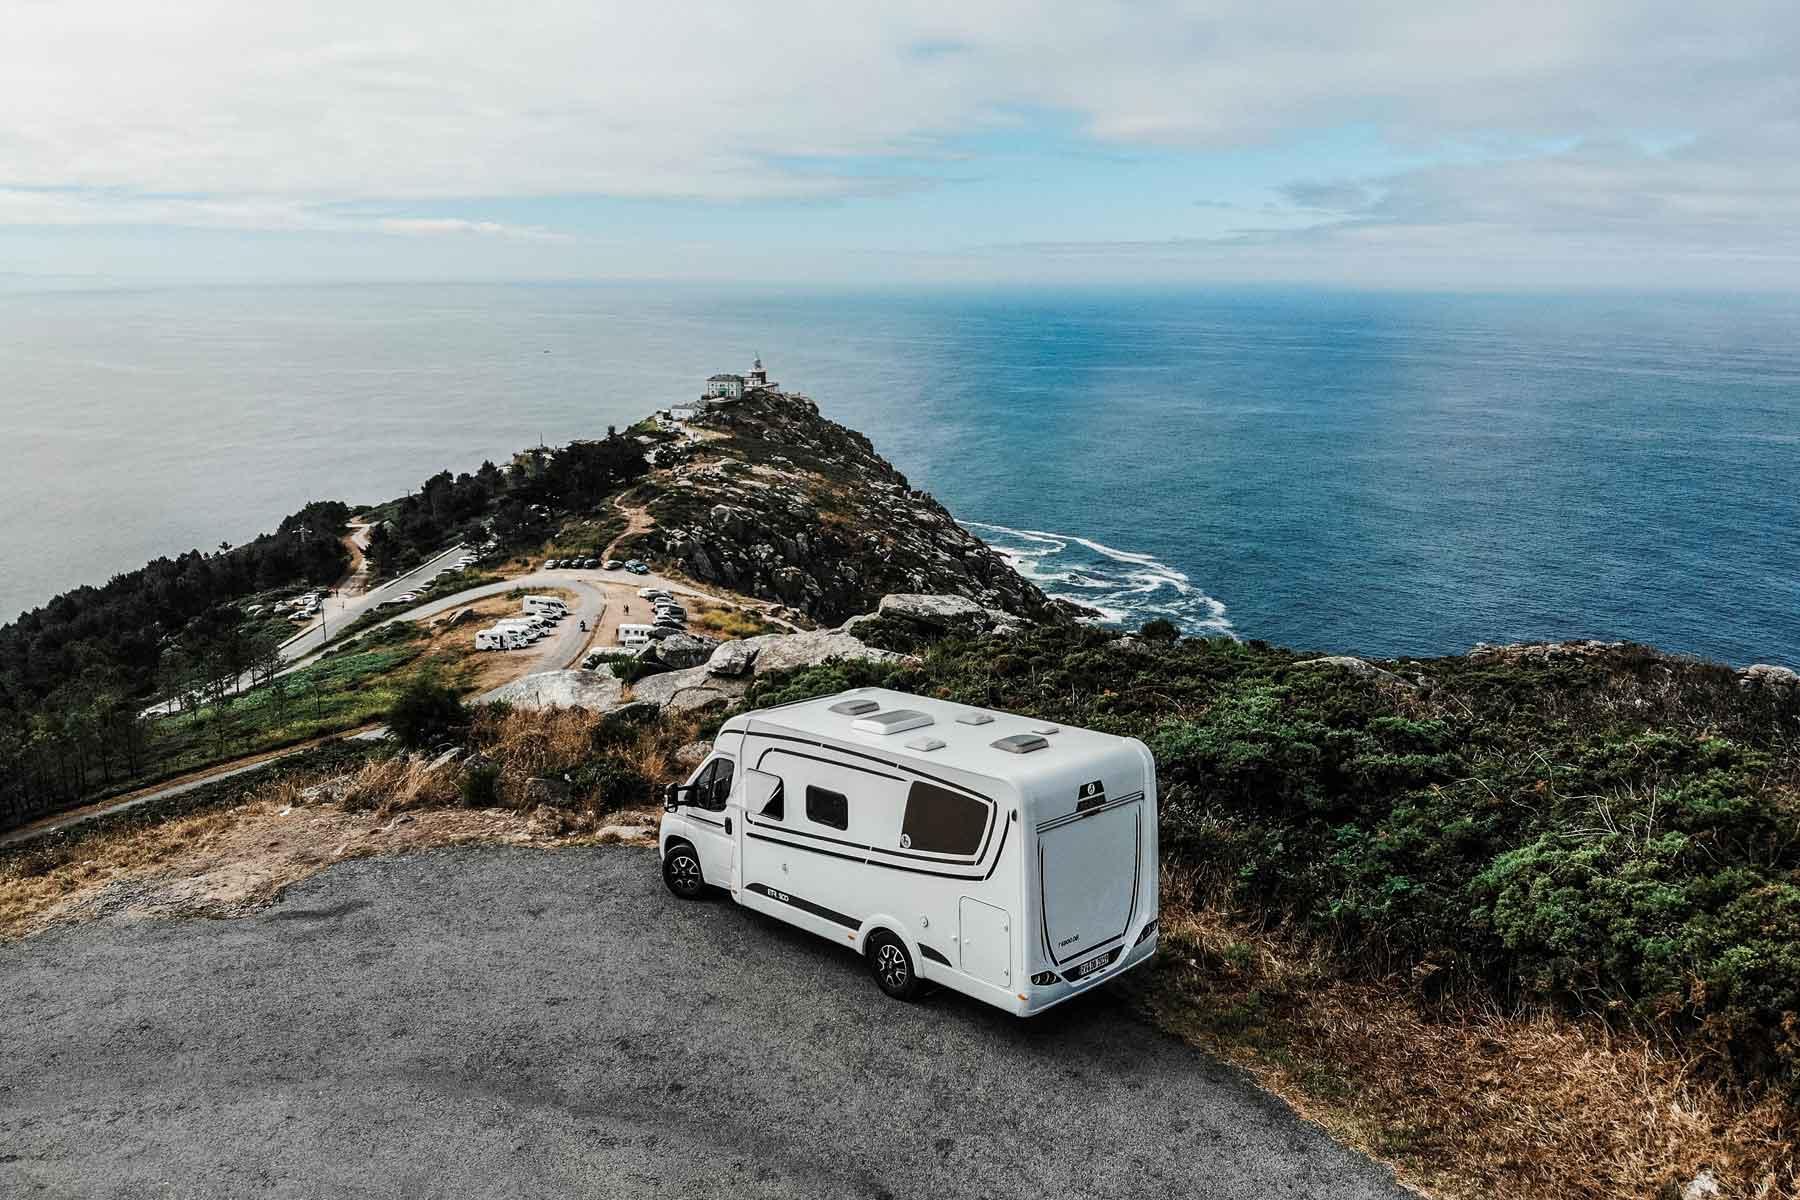 Mit dem Wohnmobil entlang der Atlantikküste - Travelisto